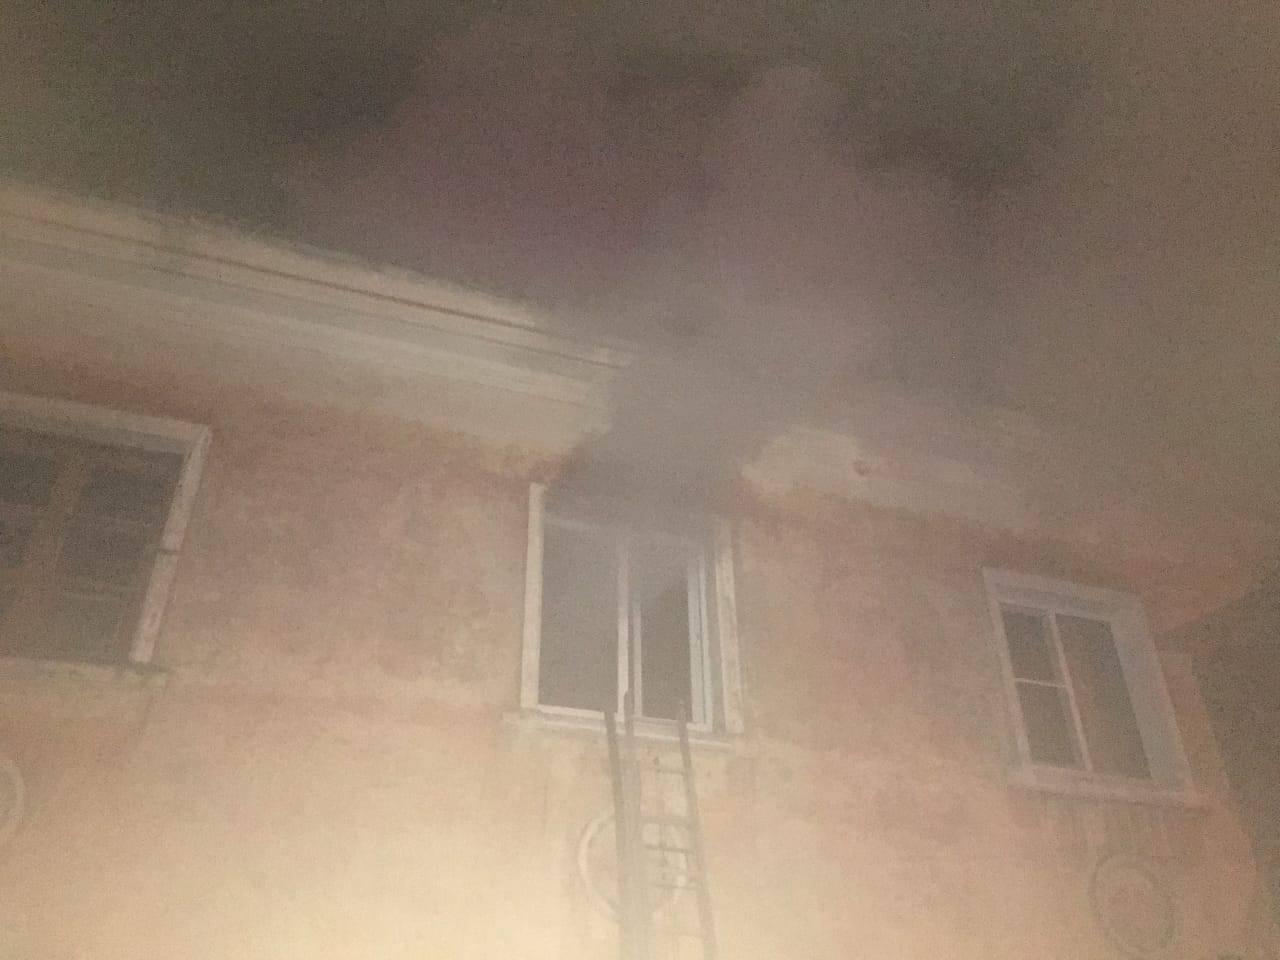 В Тамбове рано утром загорелся двухэтажный многоквартирный дом